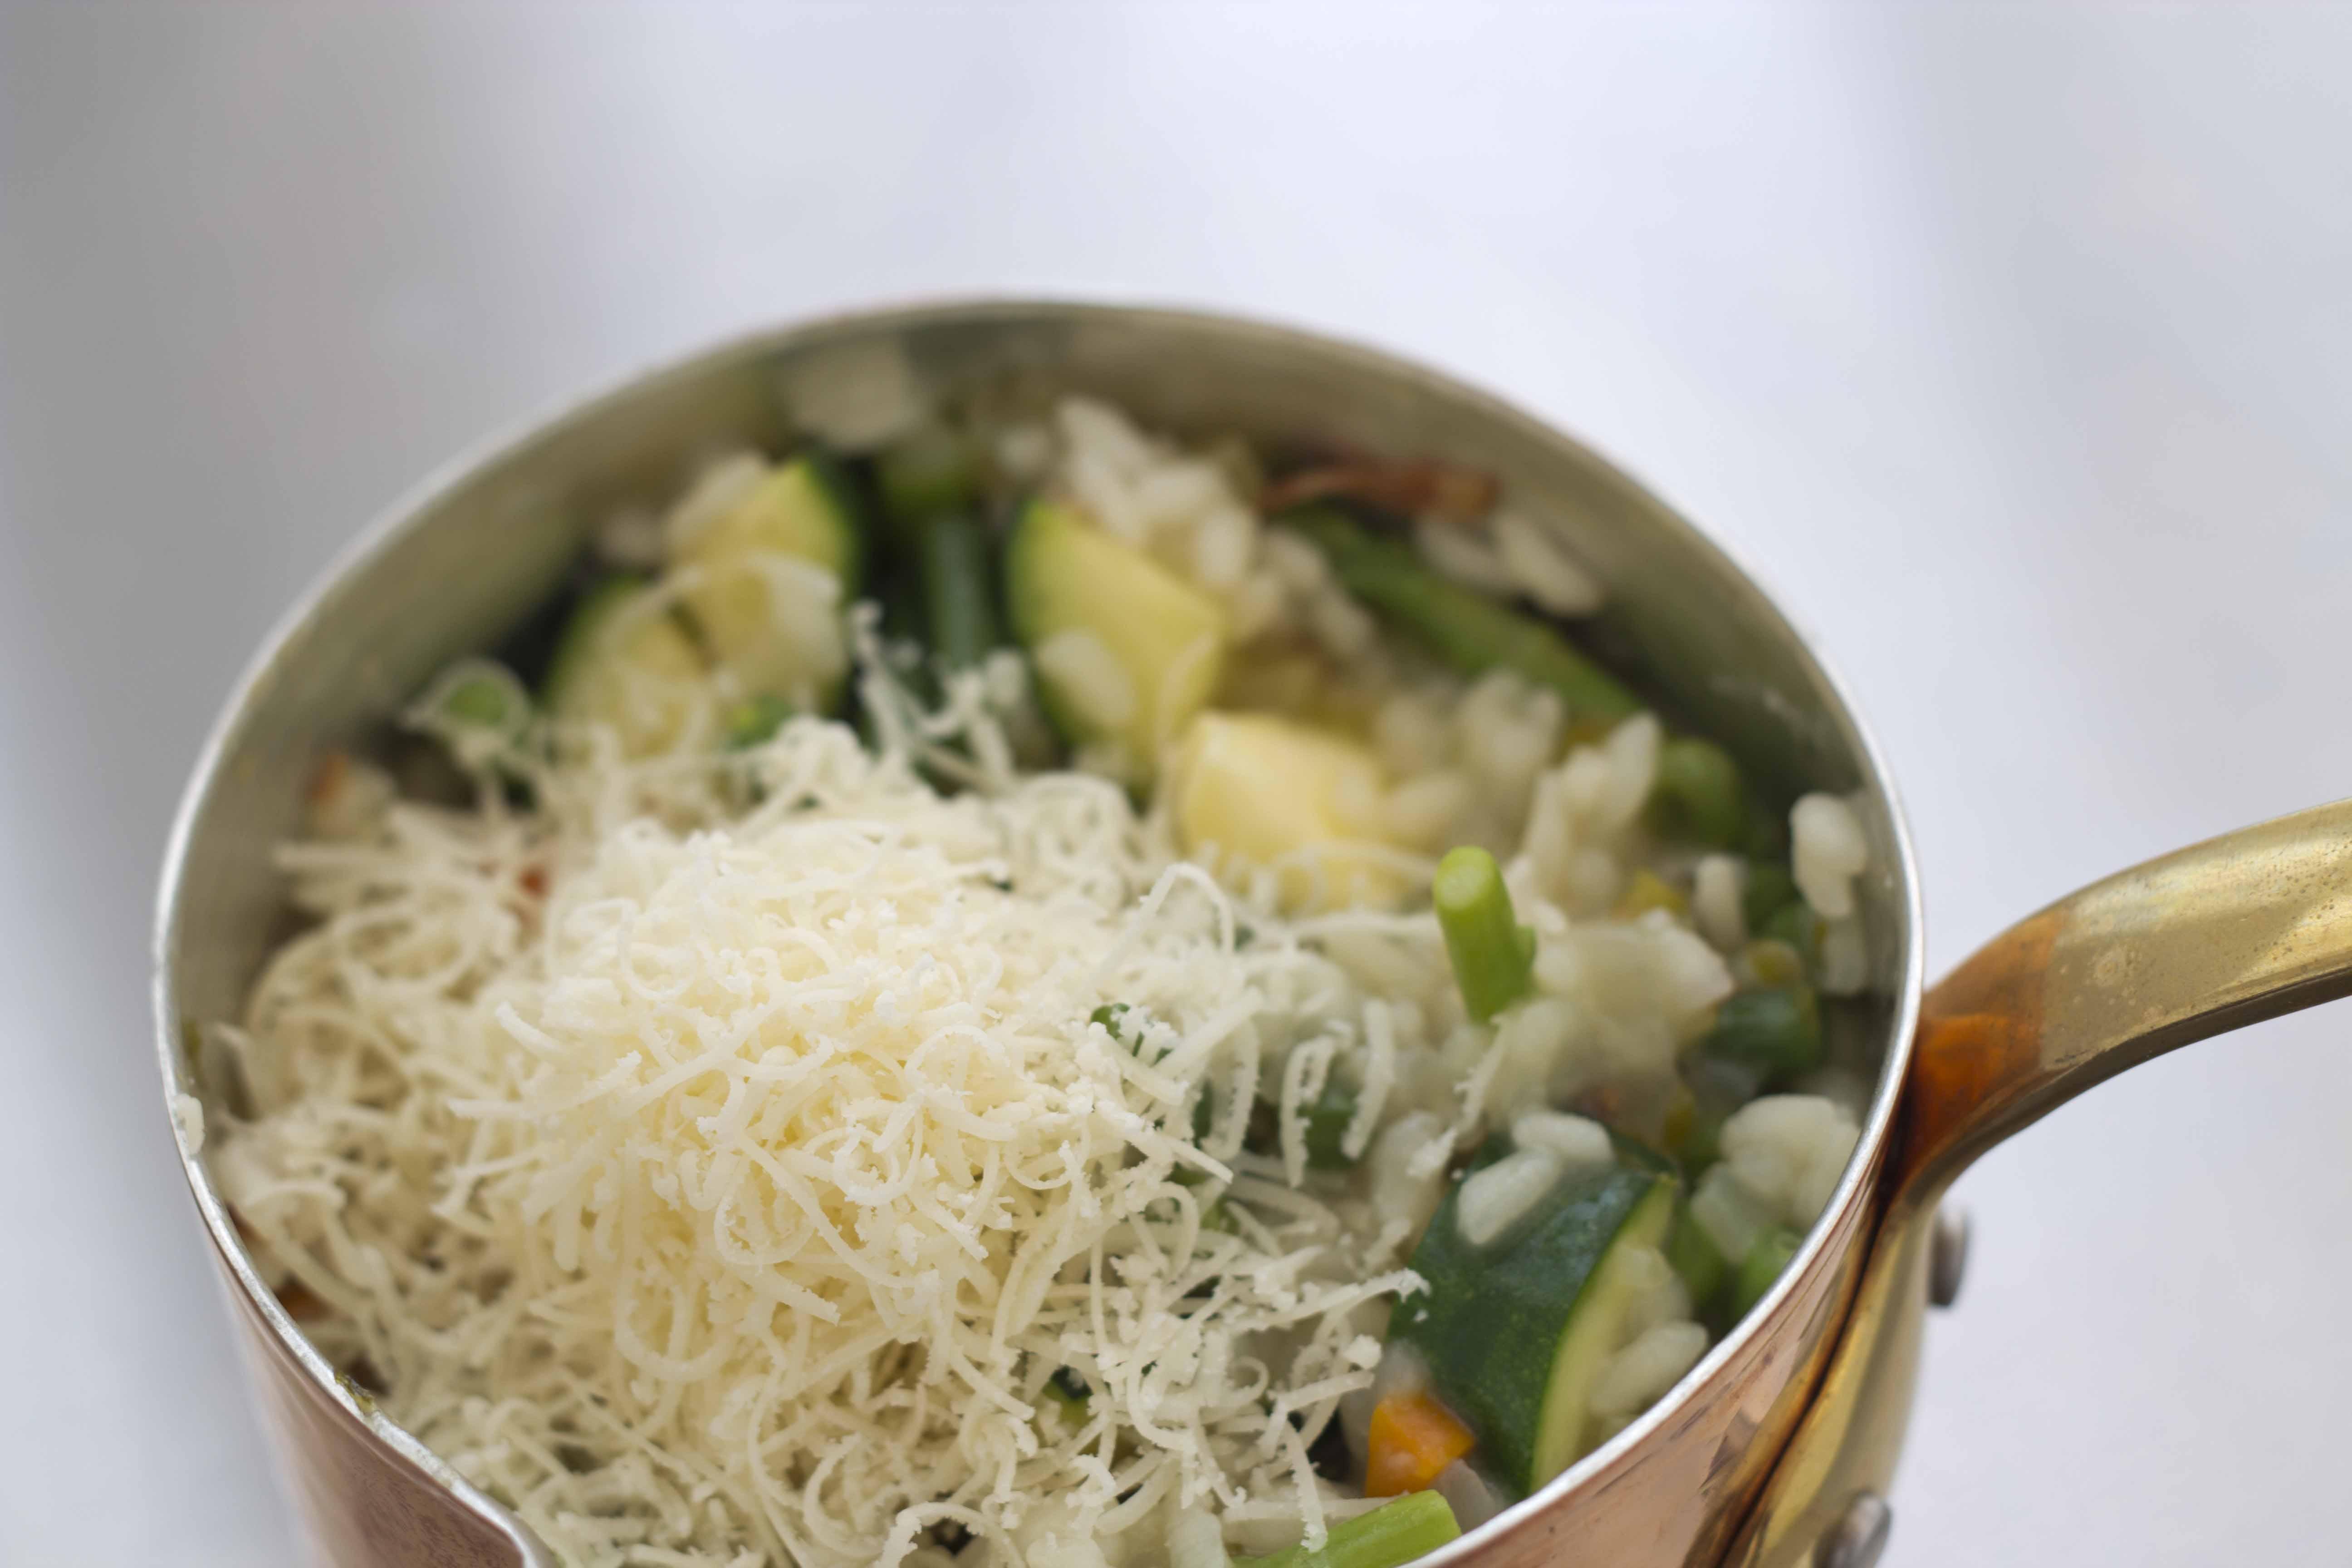 Risotto alla primavera (spring vegetable risotto) from Veneto | Living ...